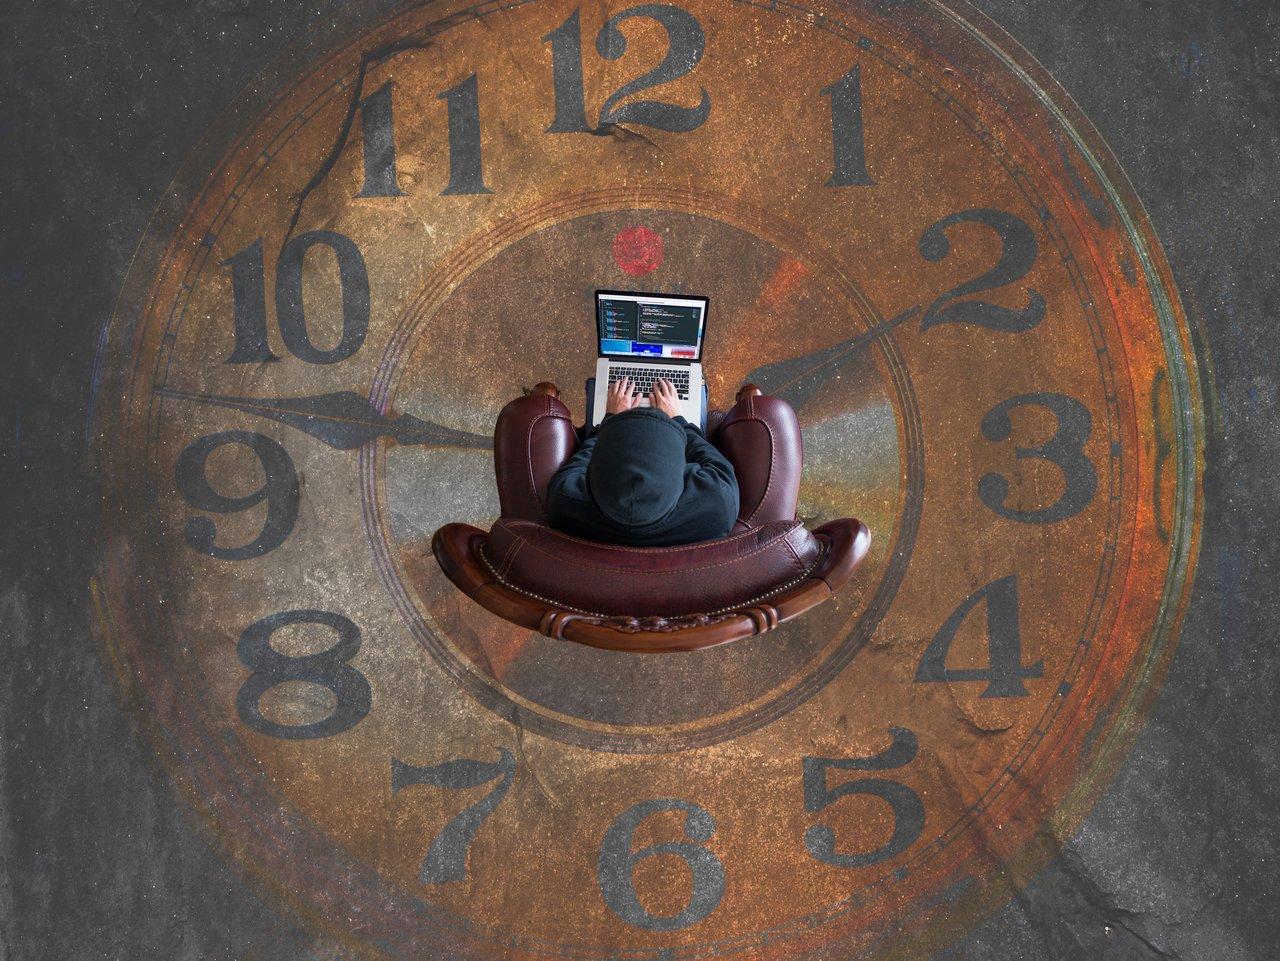 Stressmanagement für Steuerberater: So bewältigen Sie die Arbeitsbelastung